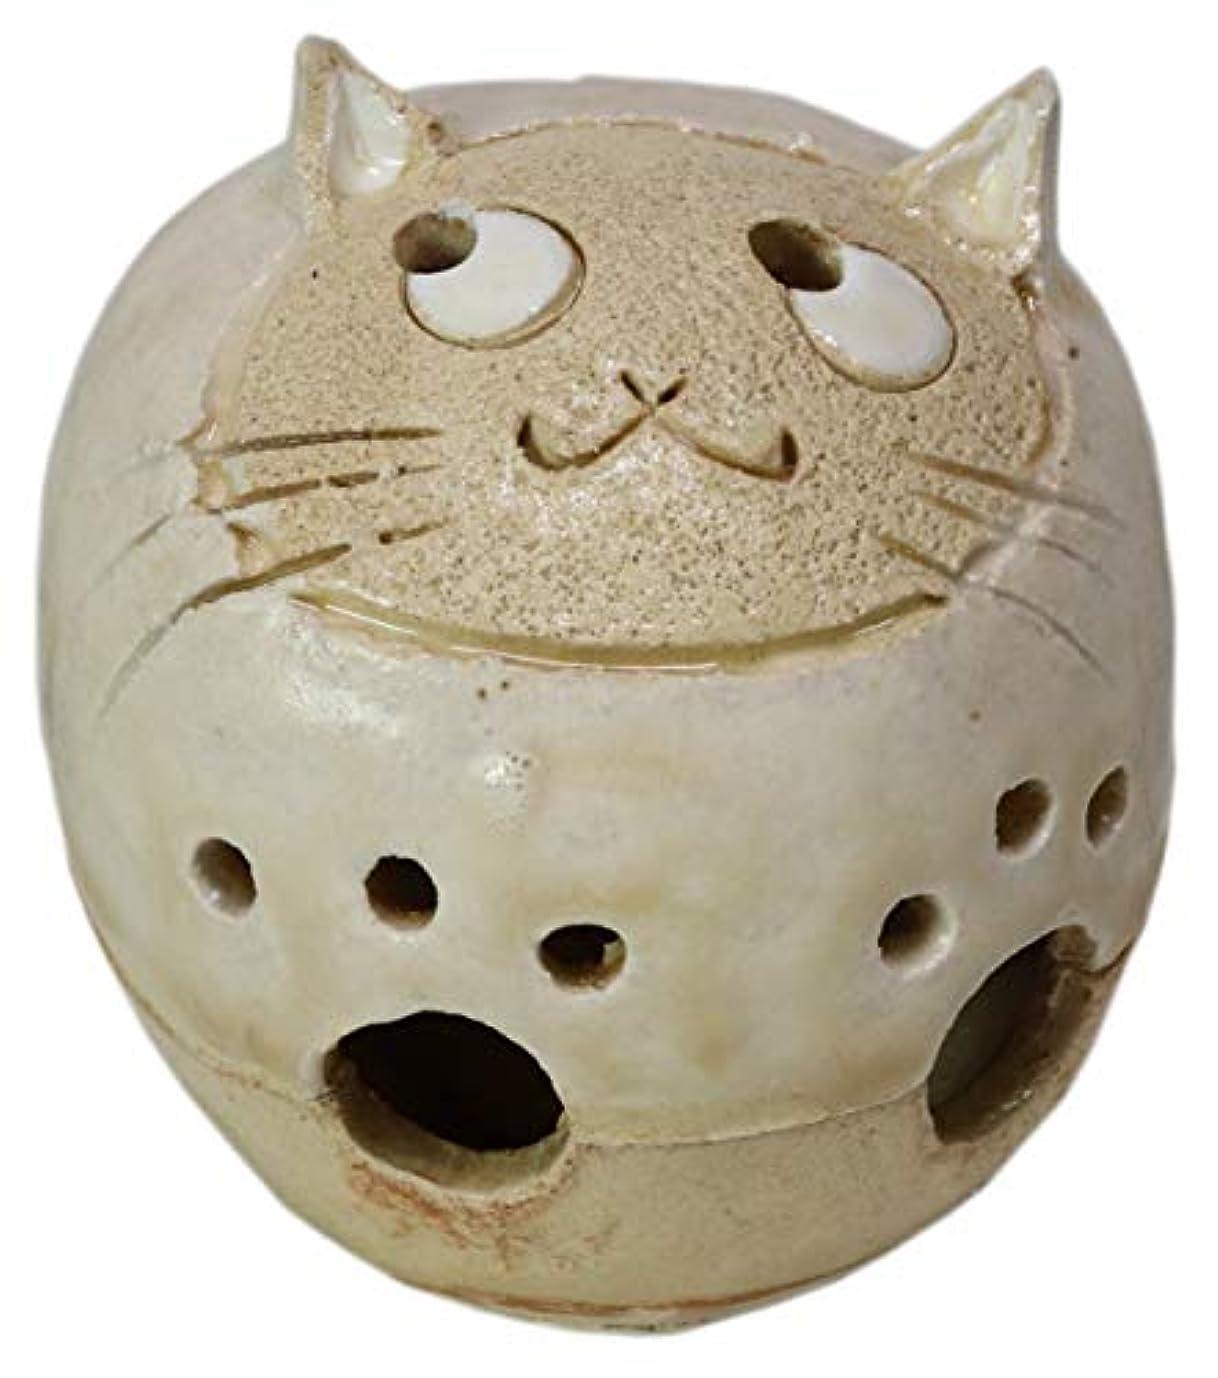 ピクニックをする自治比率香炉 丸猫 香炉(小) [H6cm] HANDMADE プレゼント ギフト 和食器 かわいい インテリア